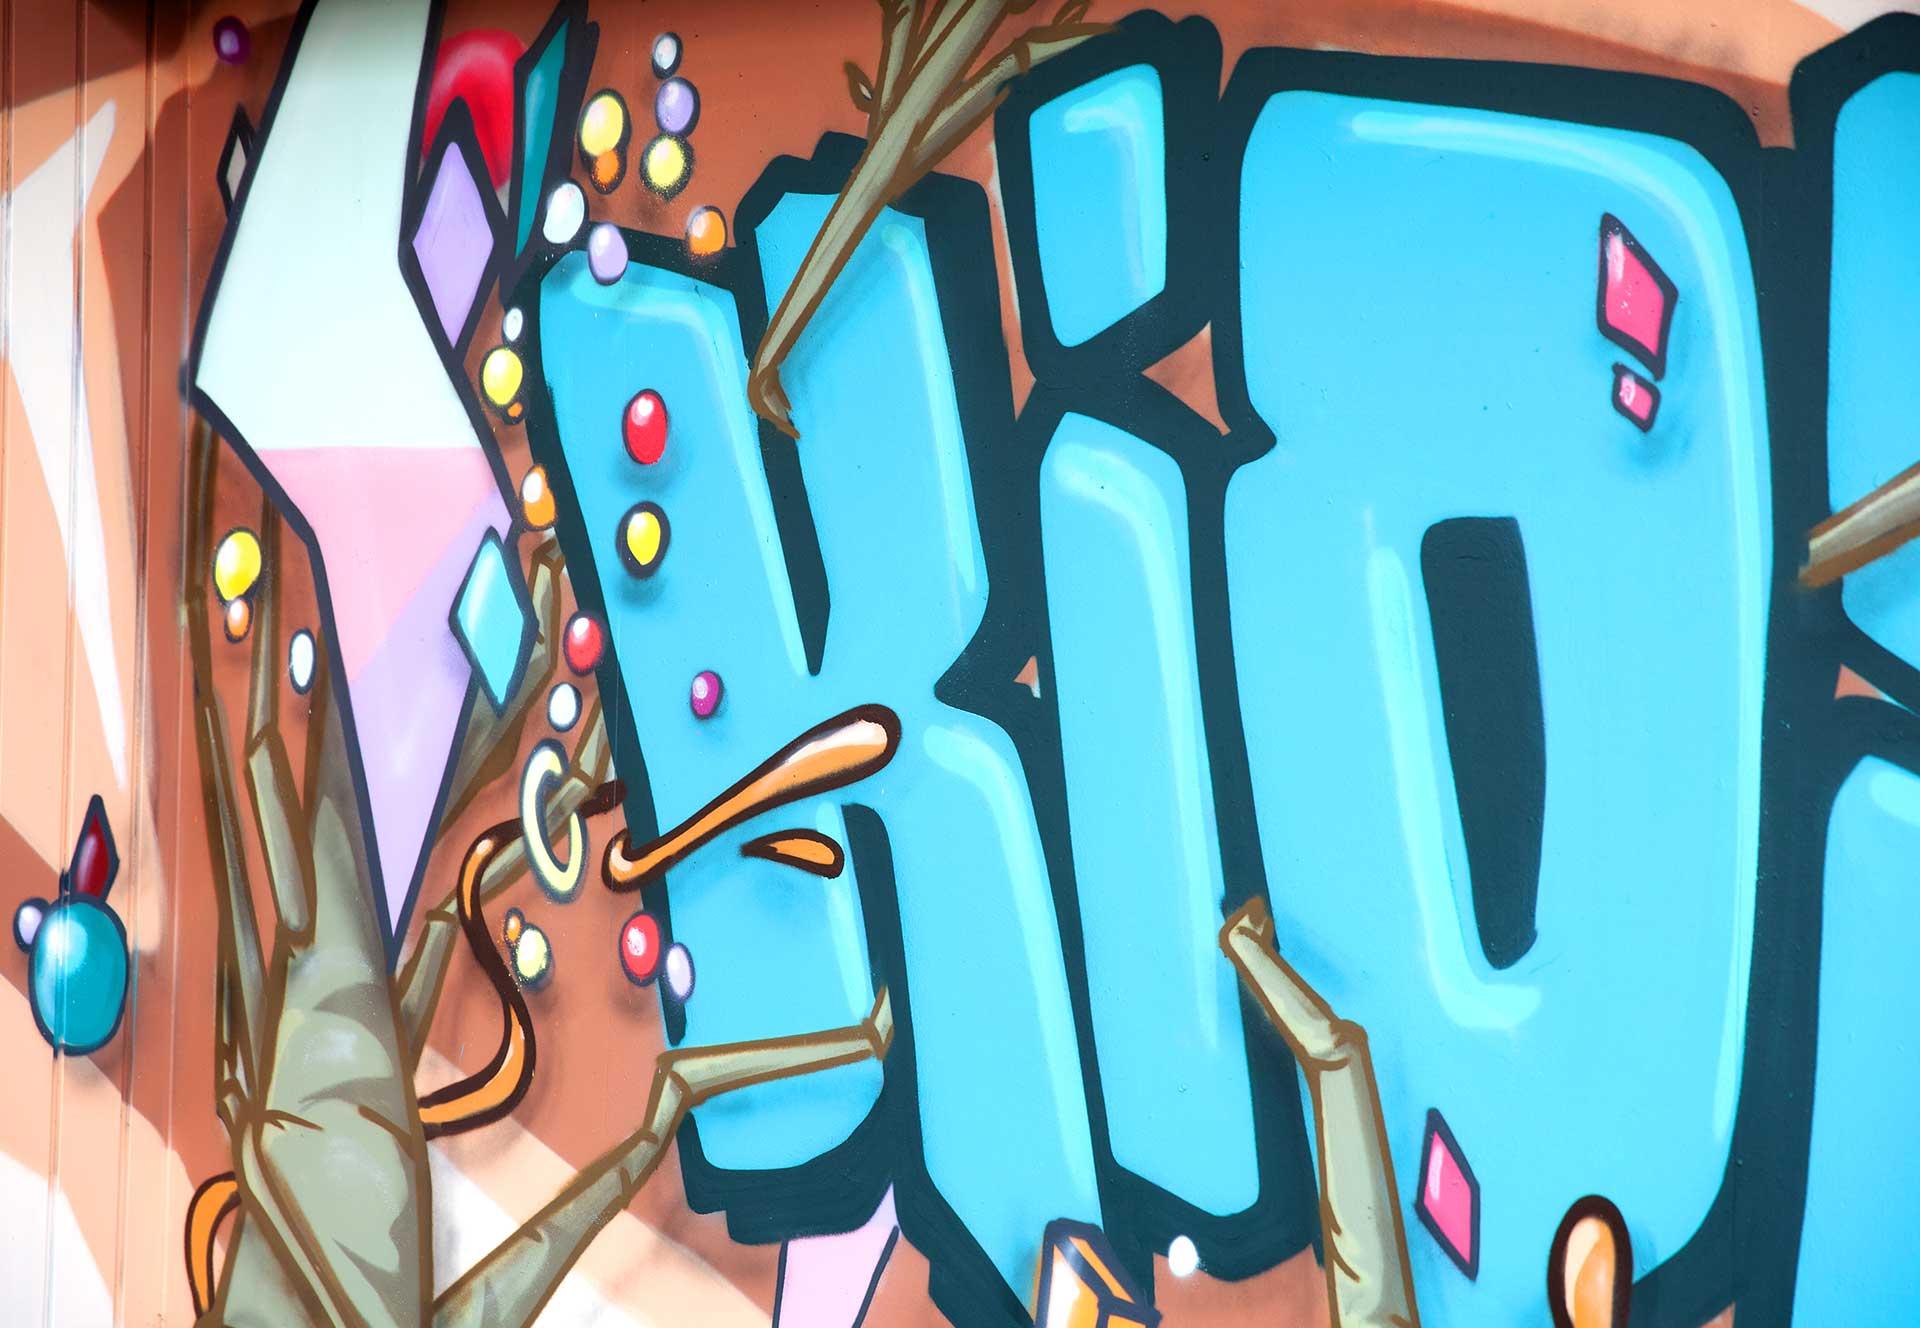 Kiosk Graffiti Kunst Vorderseite